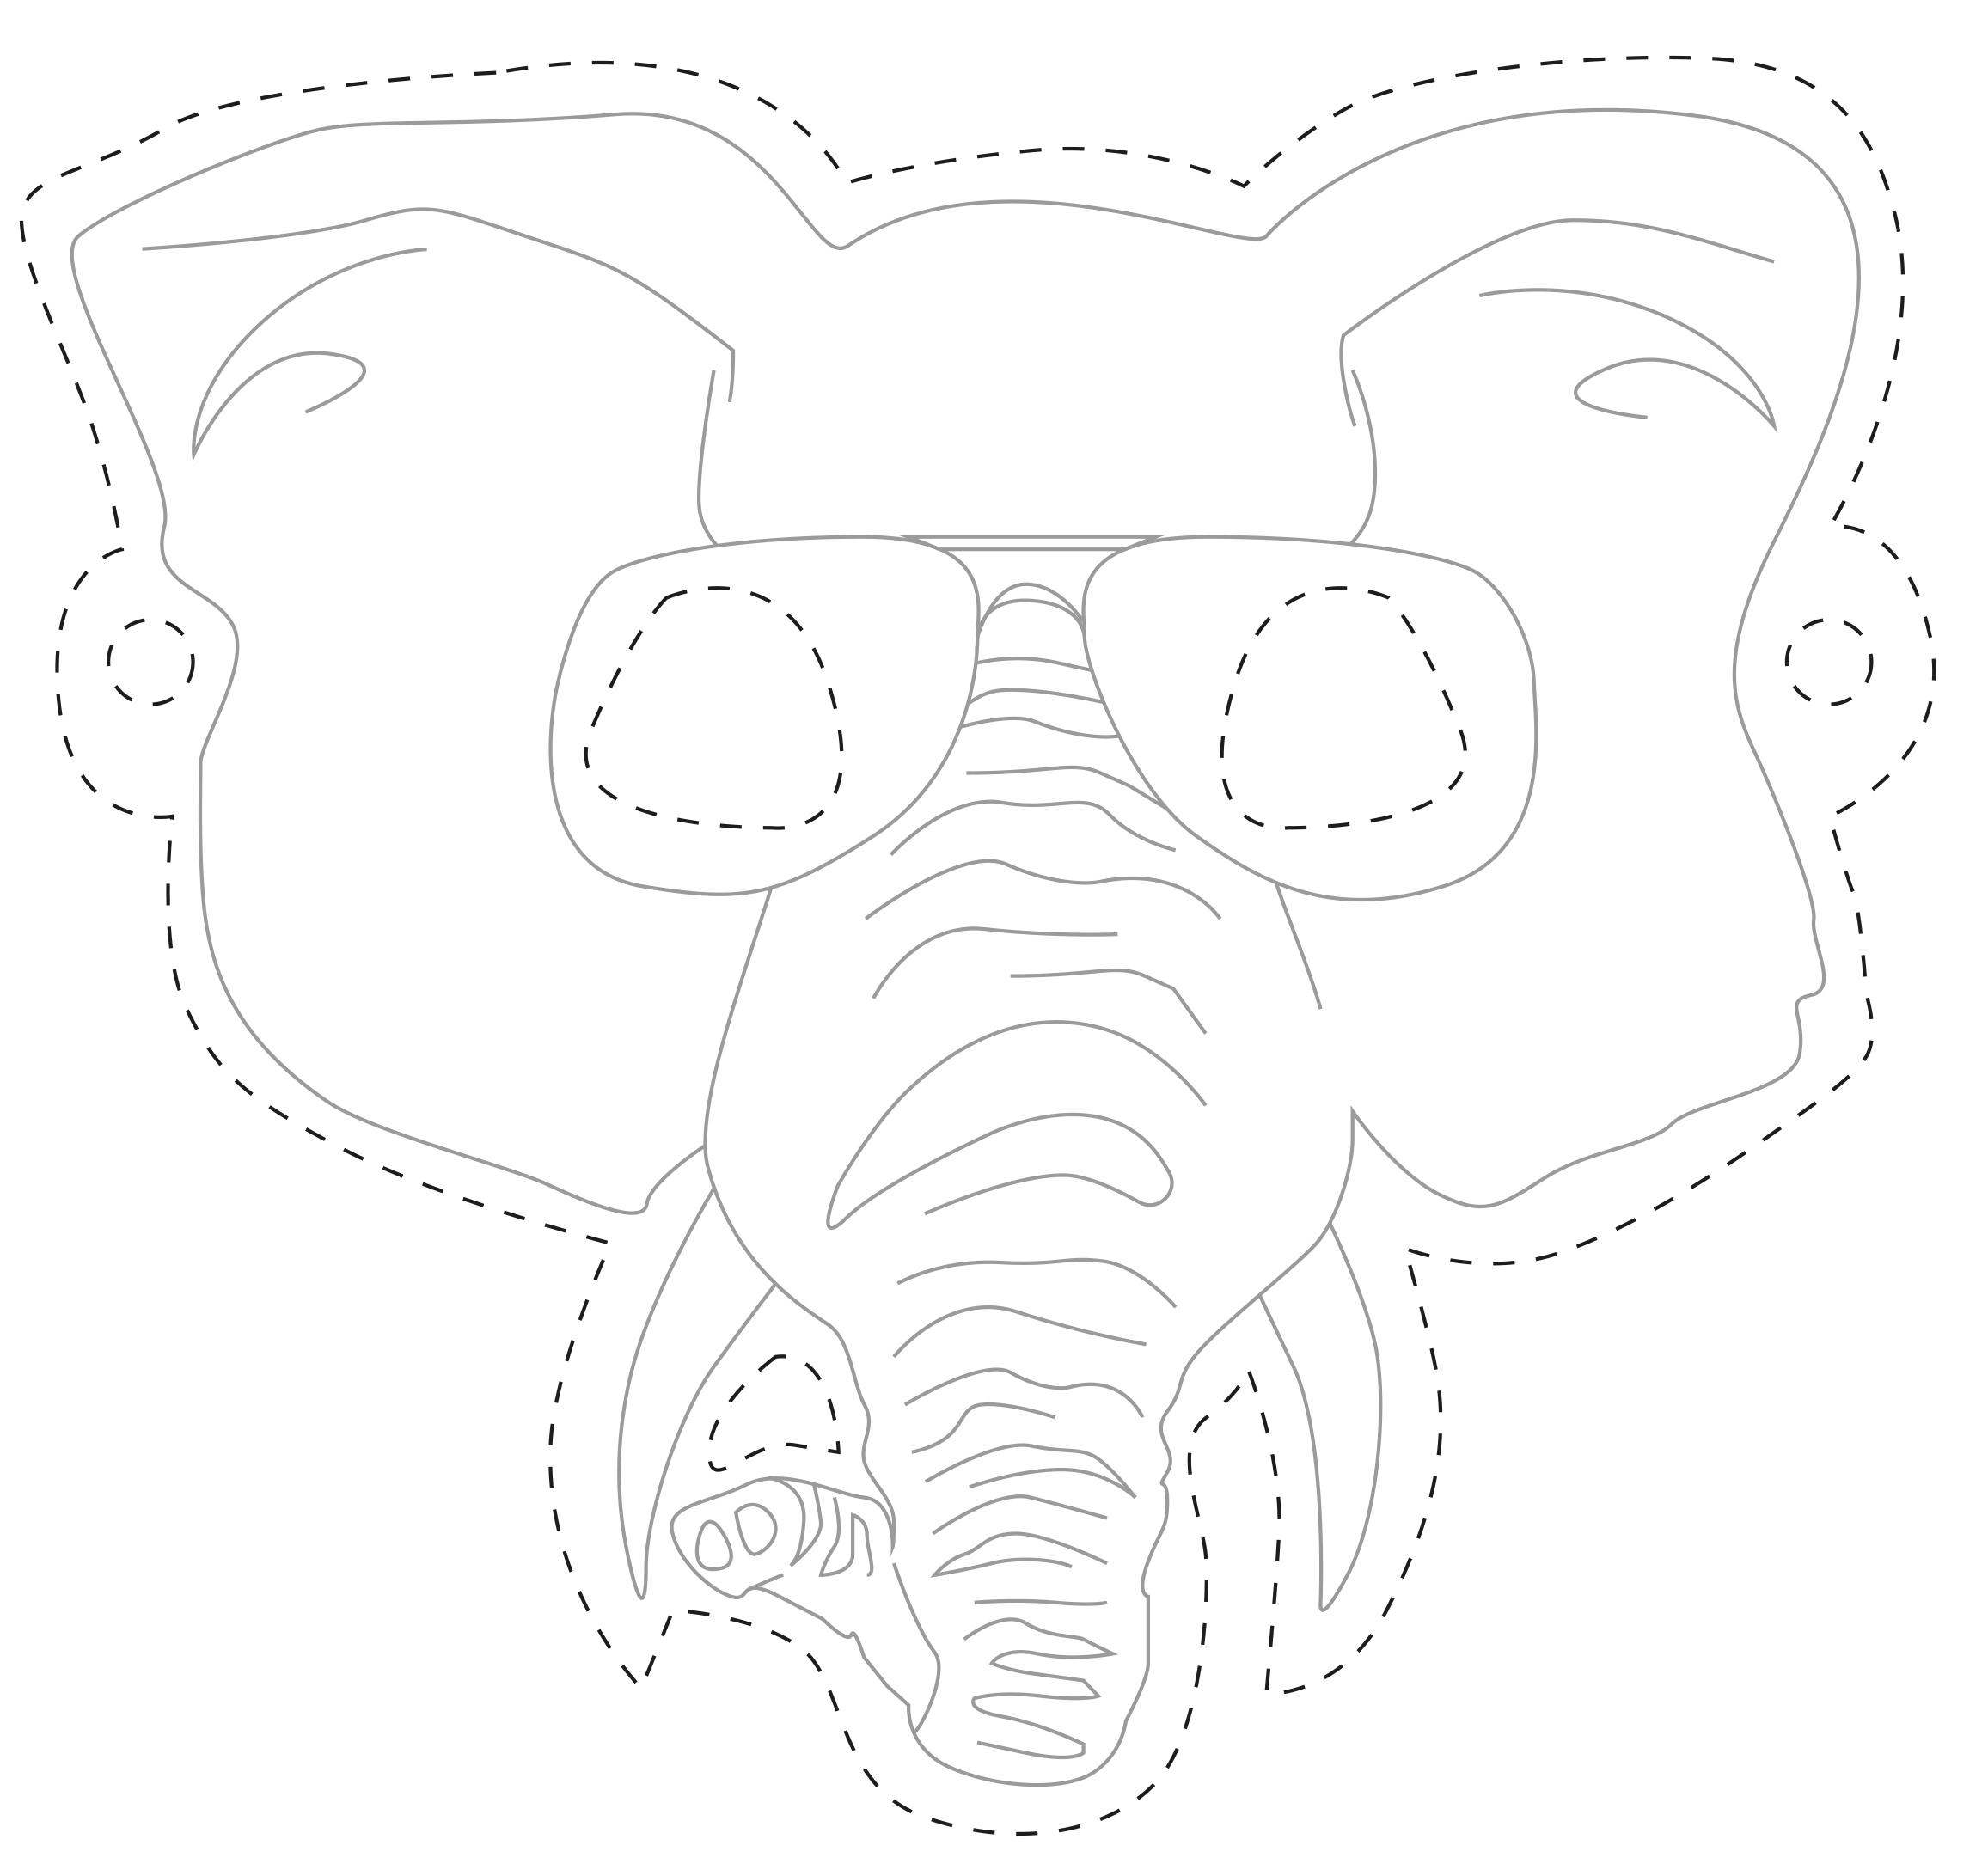 Ausgezeichnet Maskenvorlagen Sind Druckbar Ideen - Beispiel ...